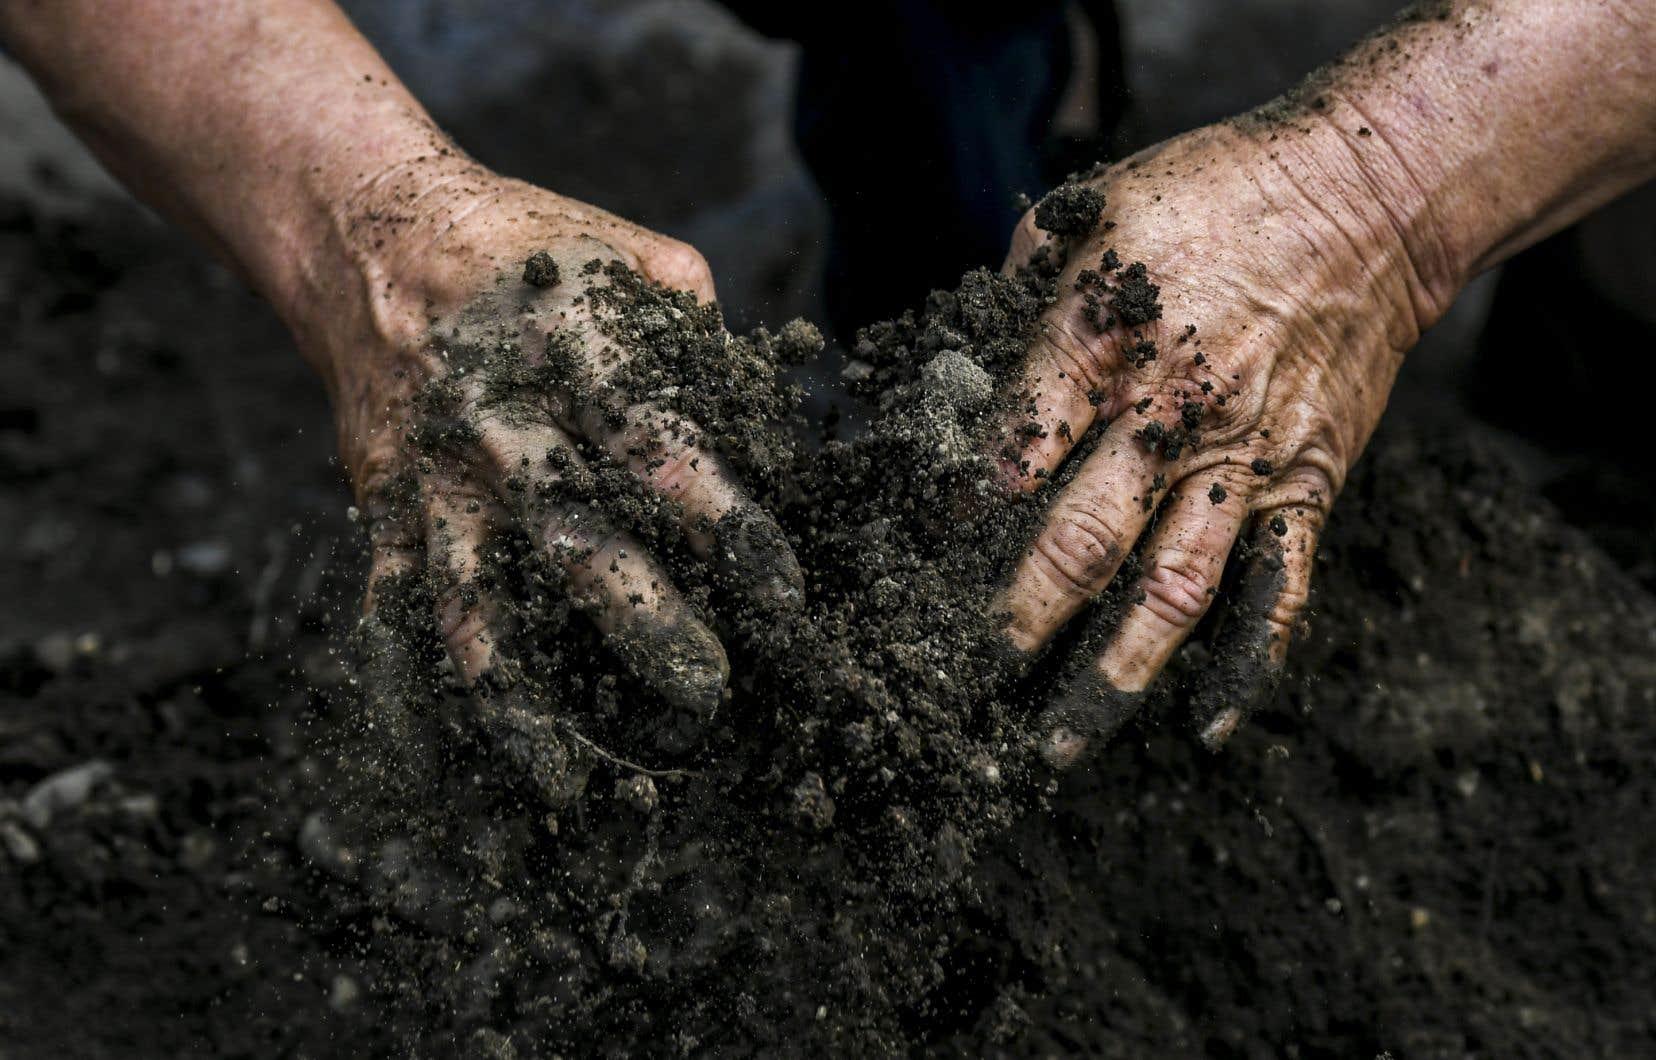 Une gestion déraisonnable des terres provoque une dégradation des sols en causant pollution, érosion, épuisement des sols, qui perdent en nutriments et en productivité.